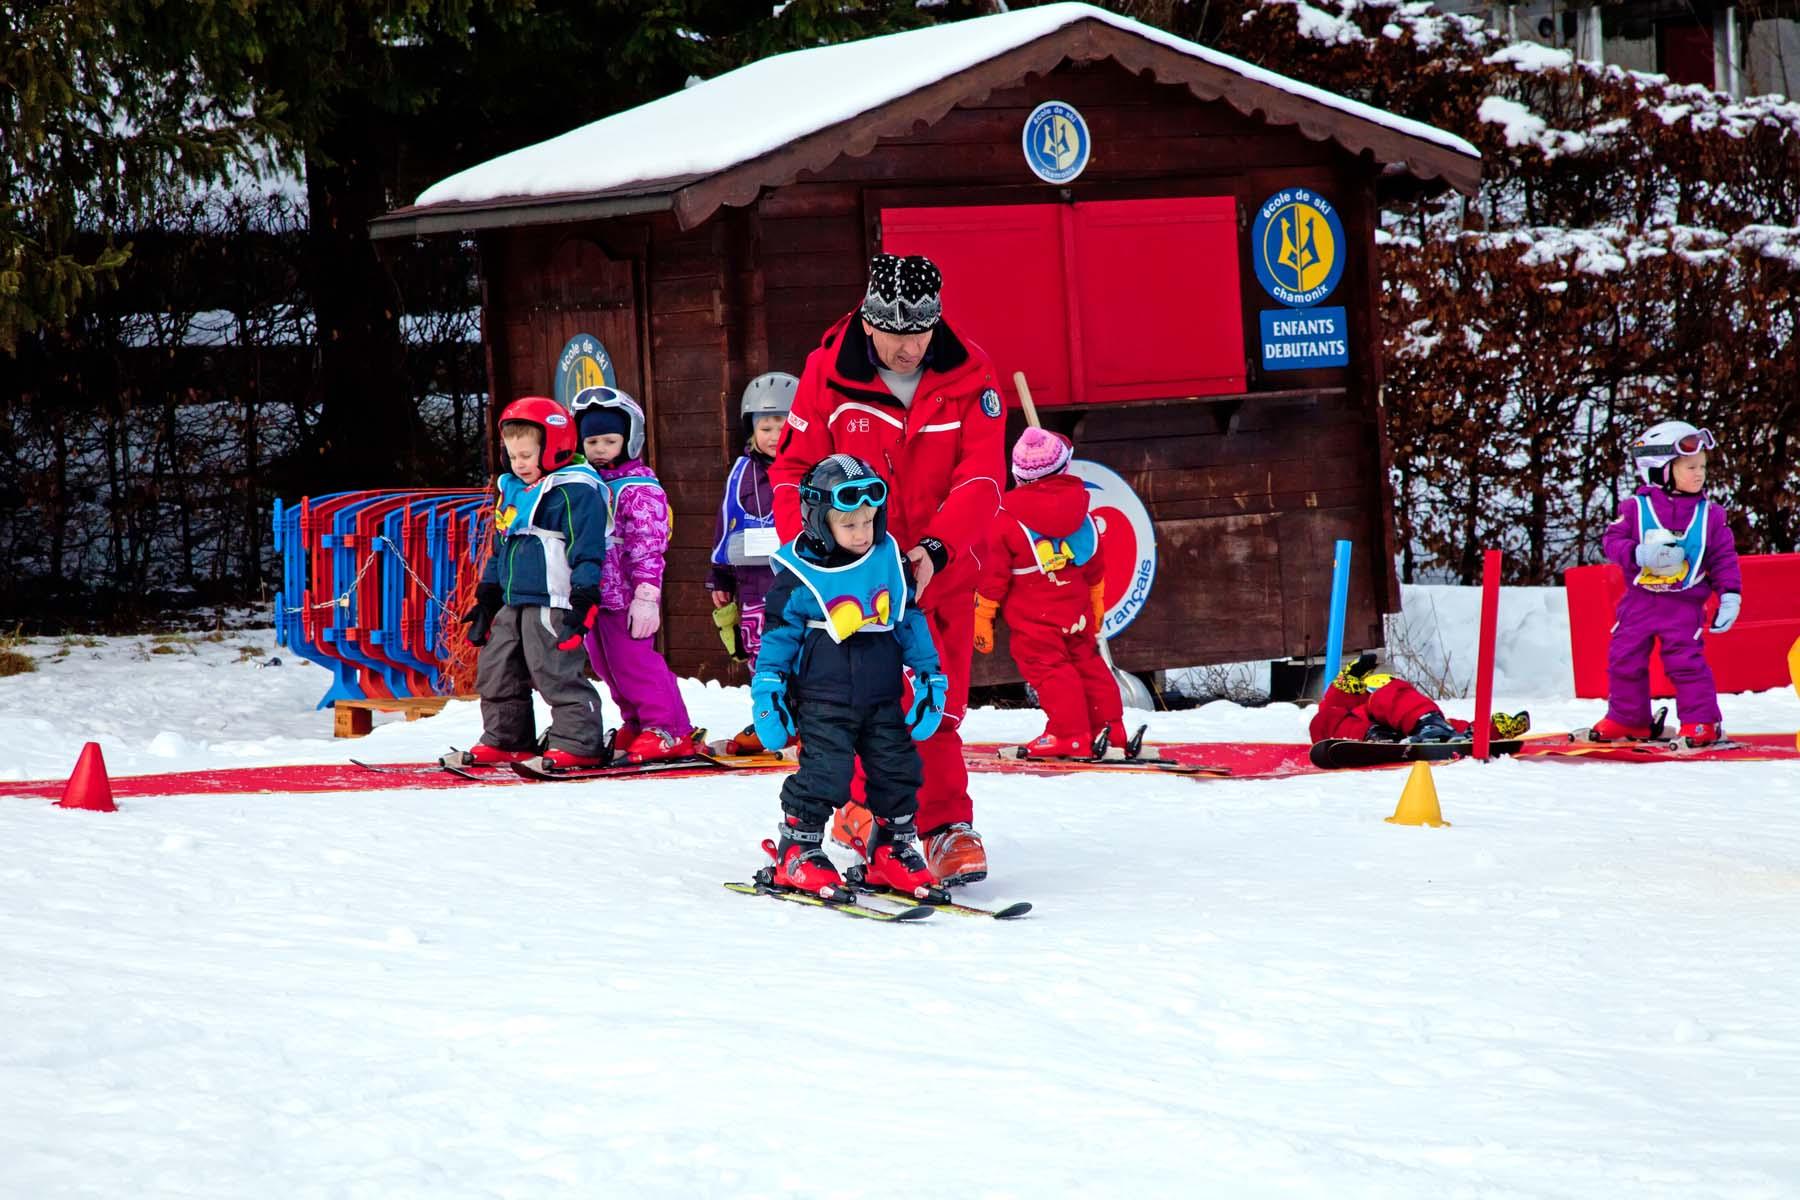 Ski instructor in France